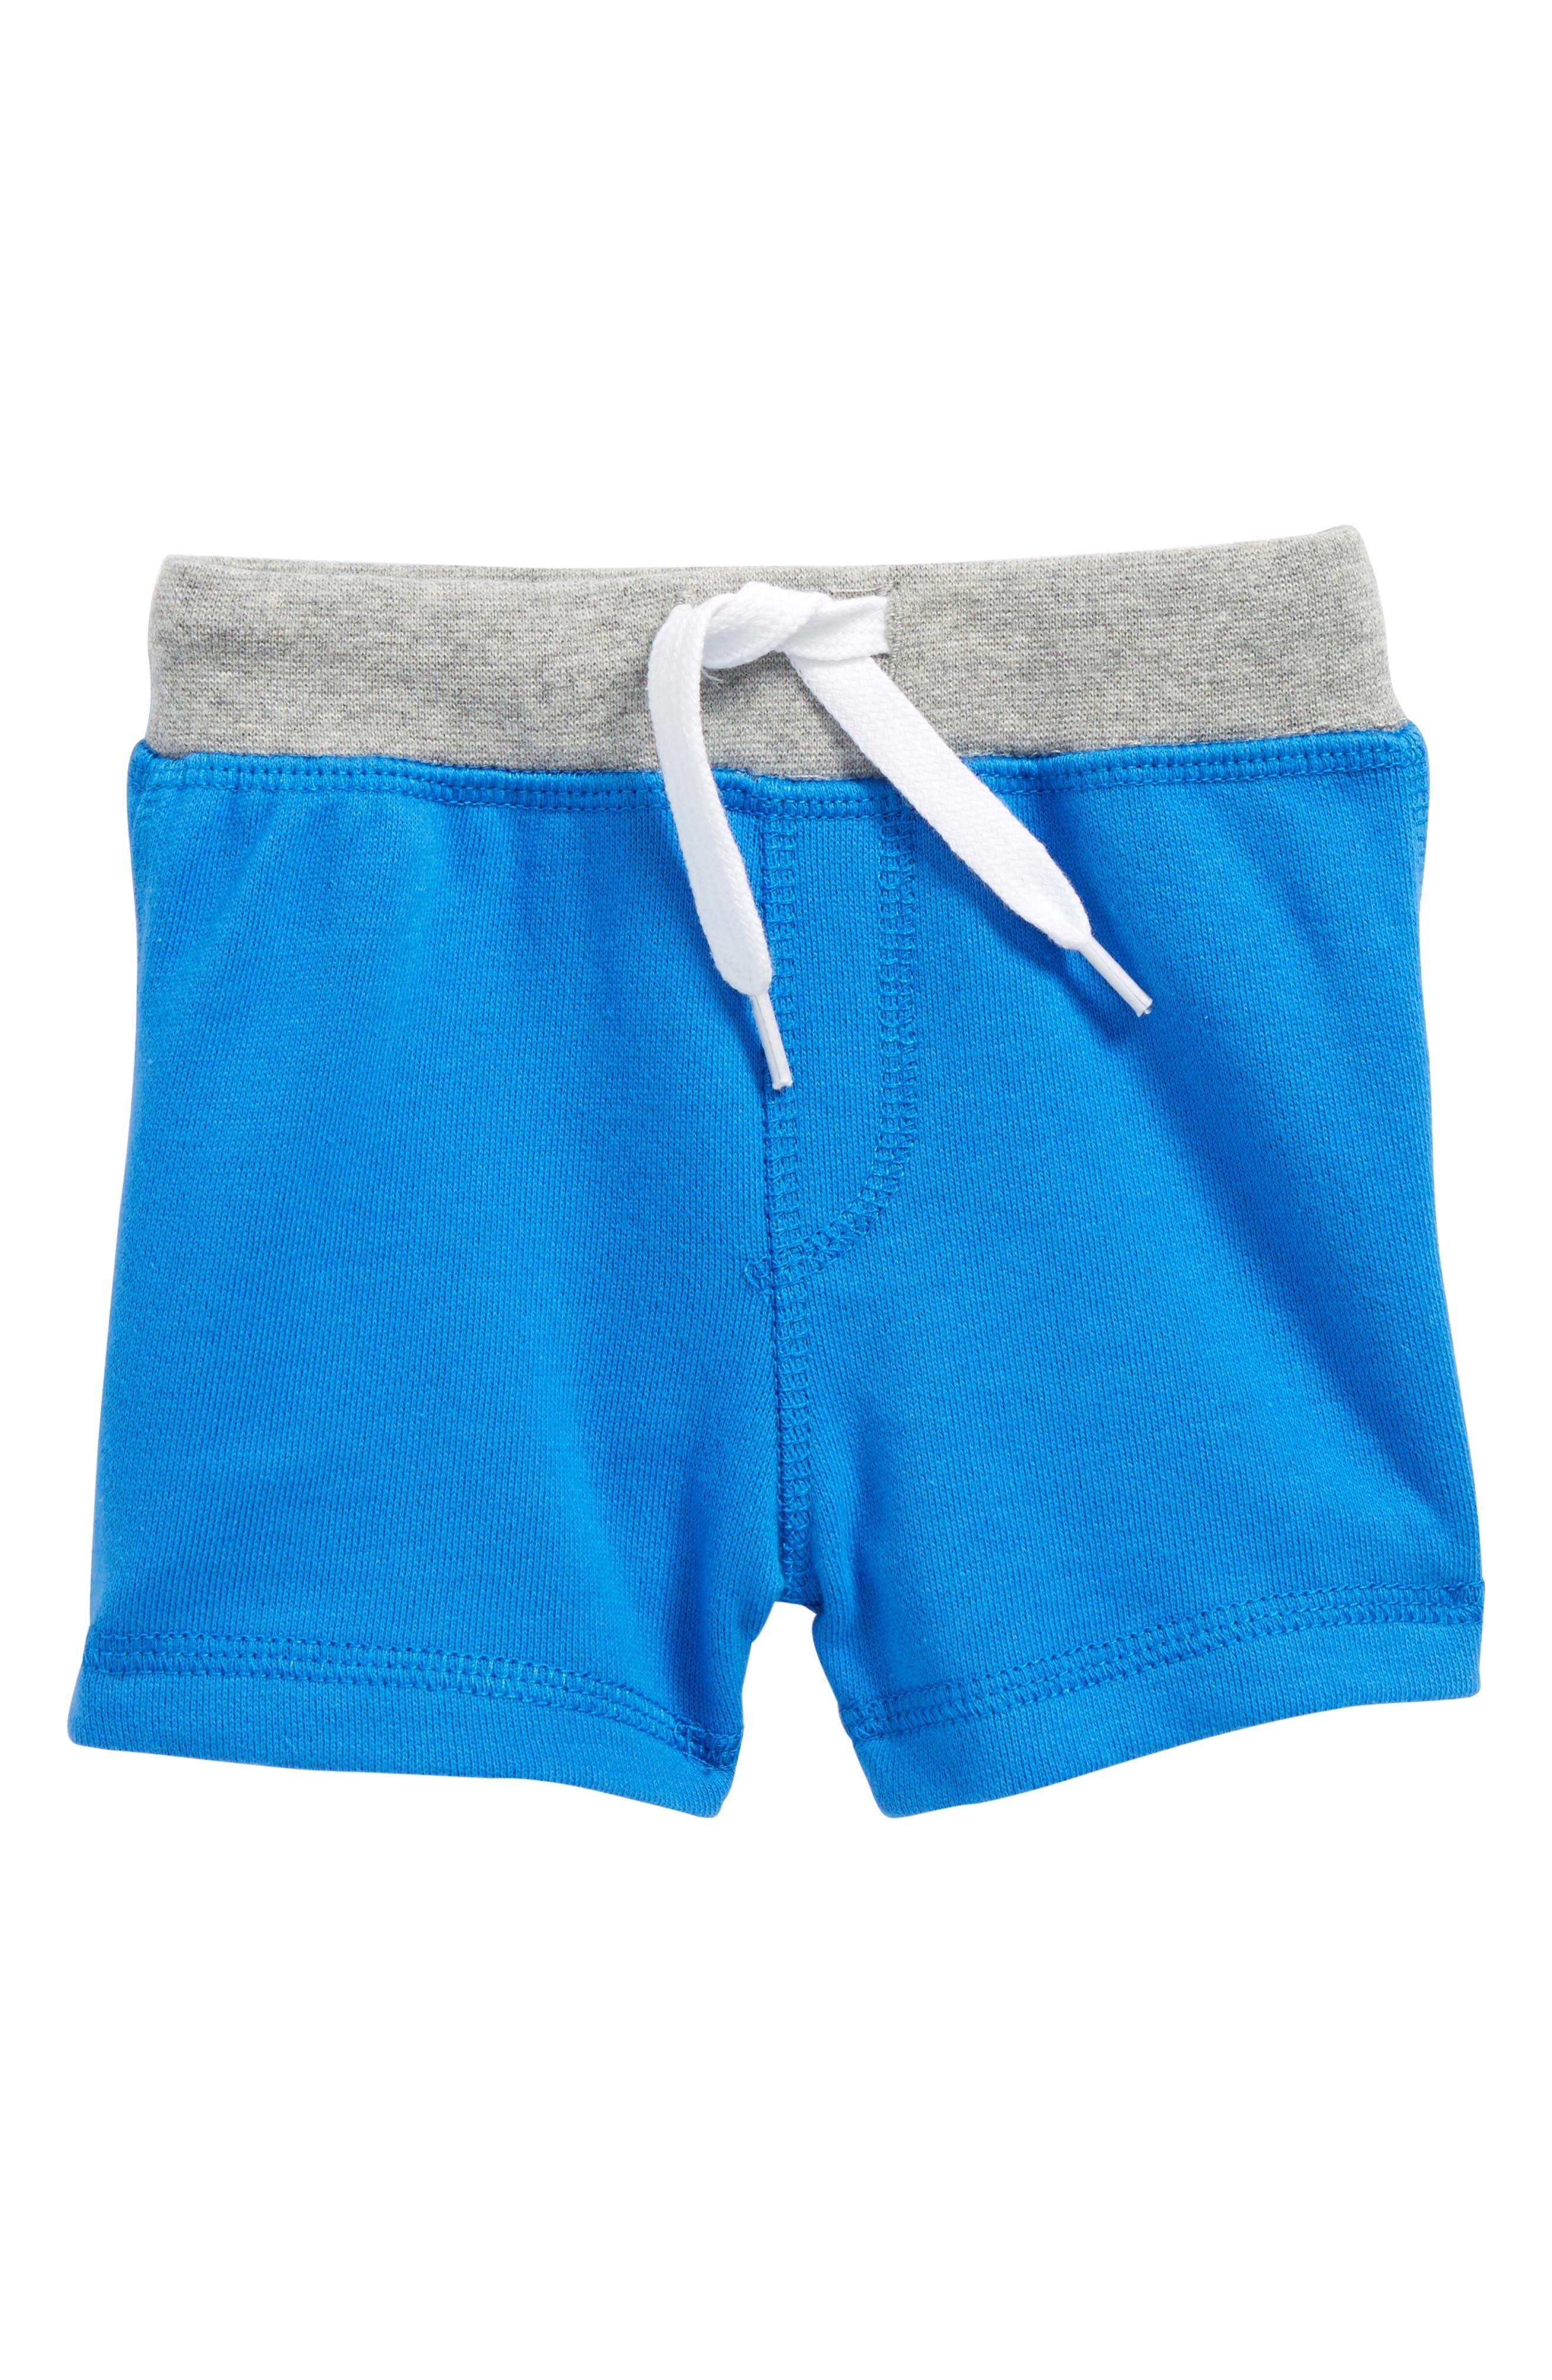 Pull On Shorts,                             Main thumbnail 1, color,                             400